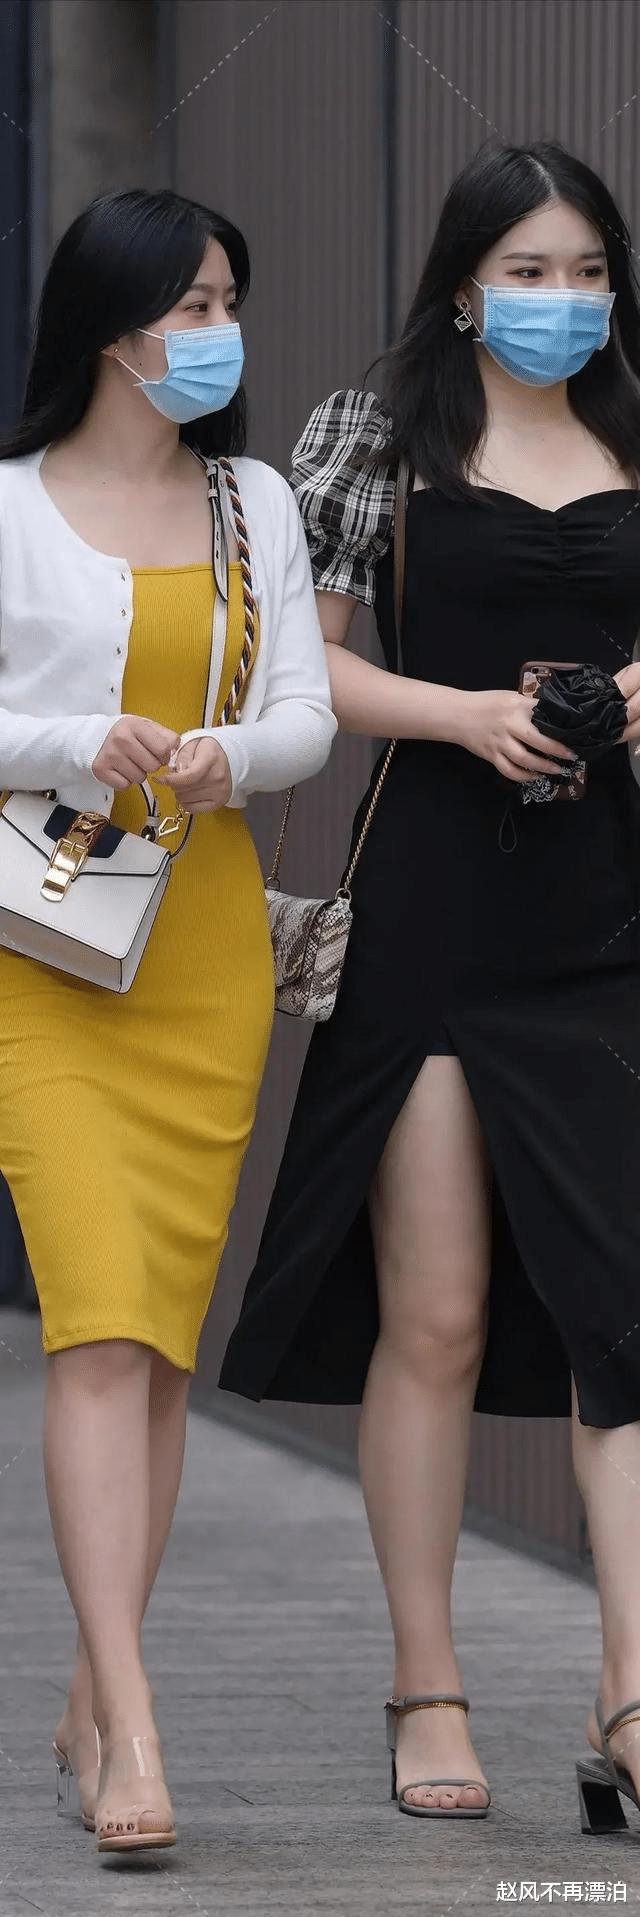 包臀裙穿在身上真时髦,时尚感体现出动